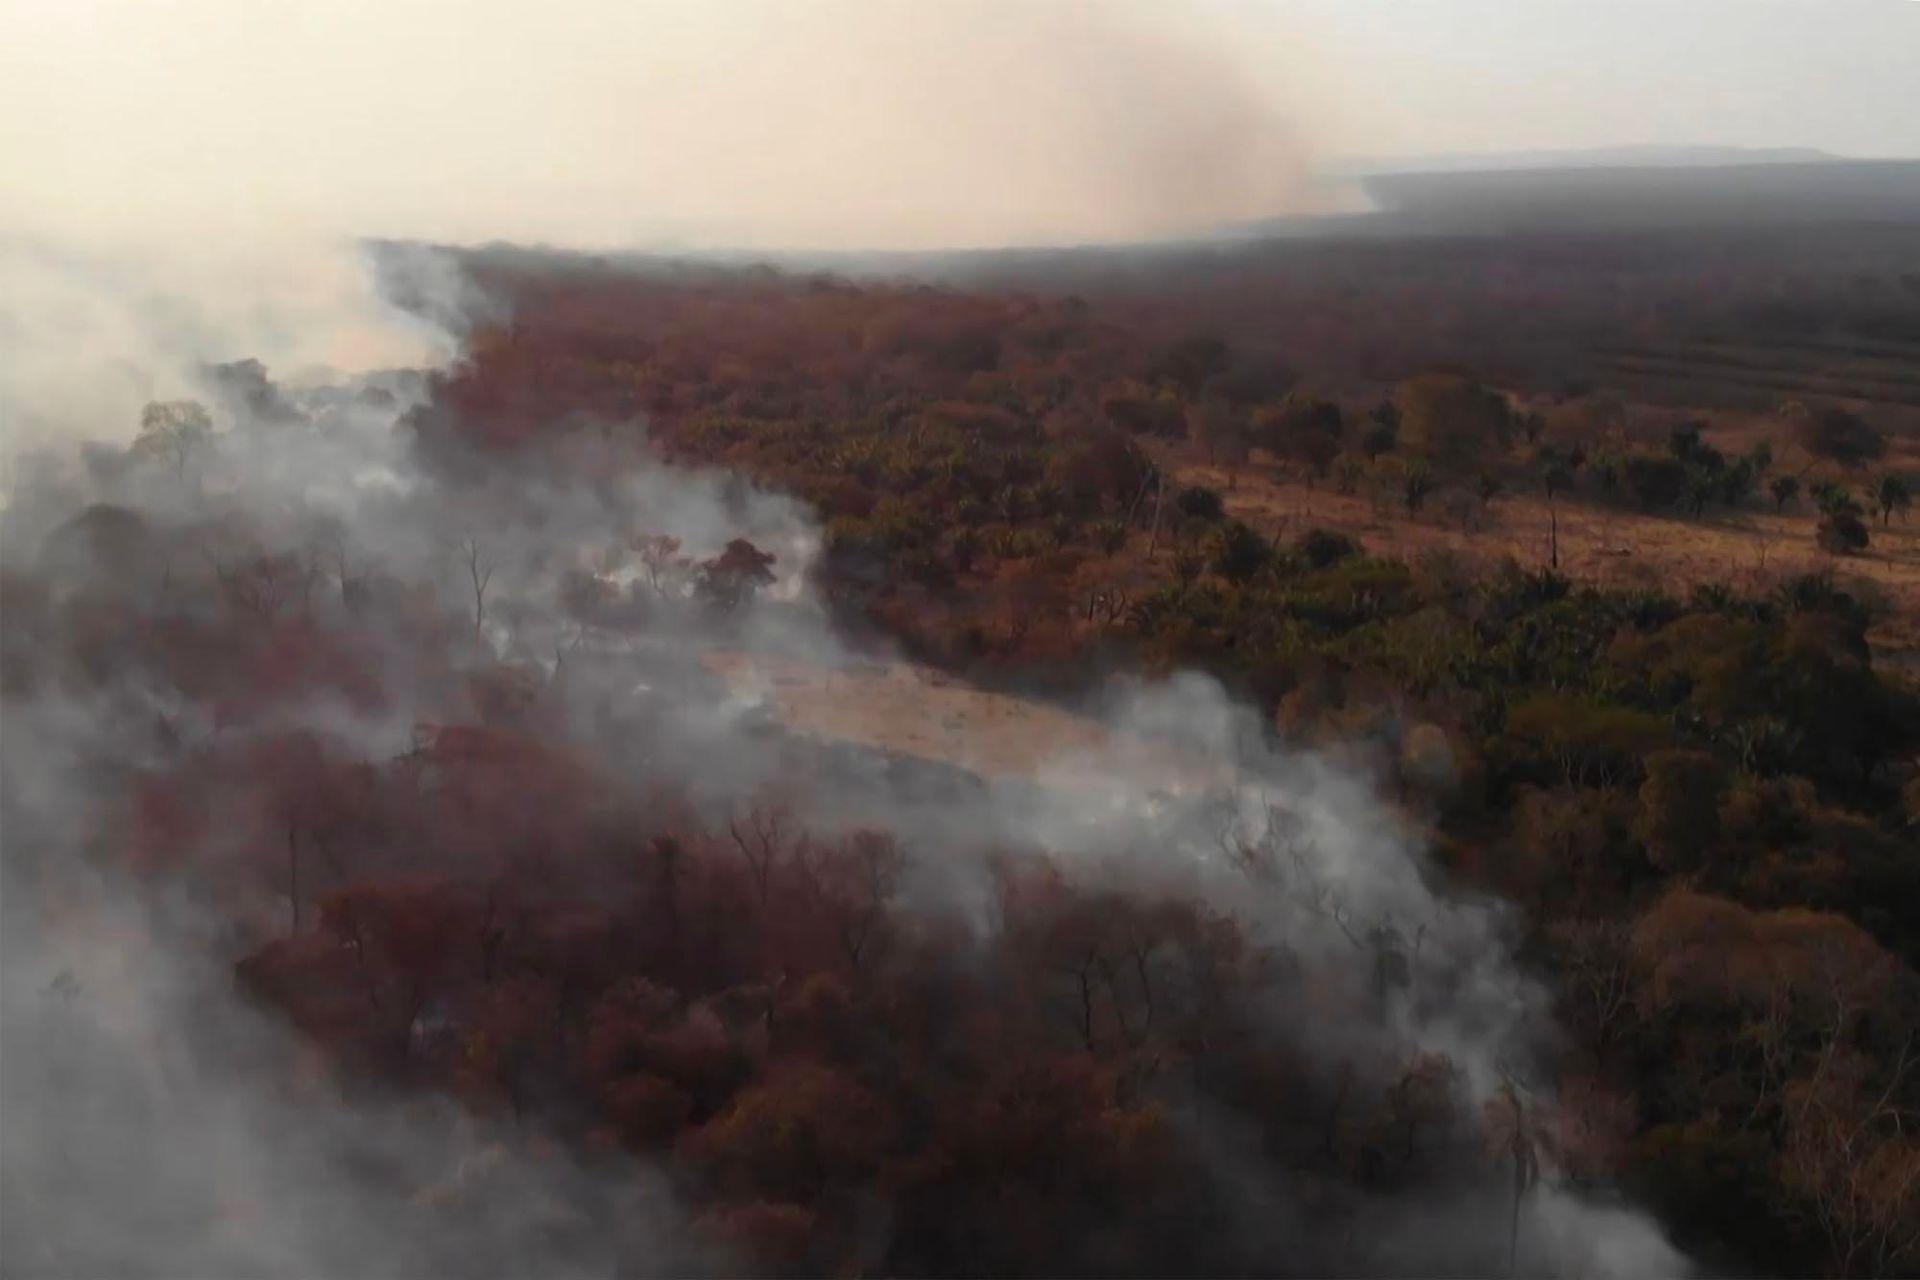 Los incendios abarcan grandes zonas de Bolivia, Brasil y Perú